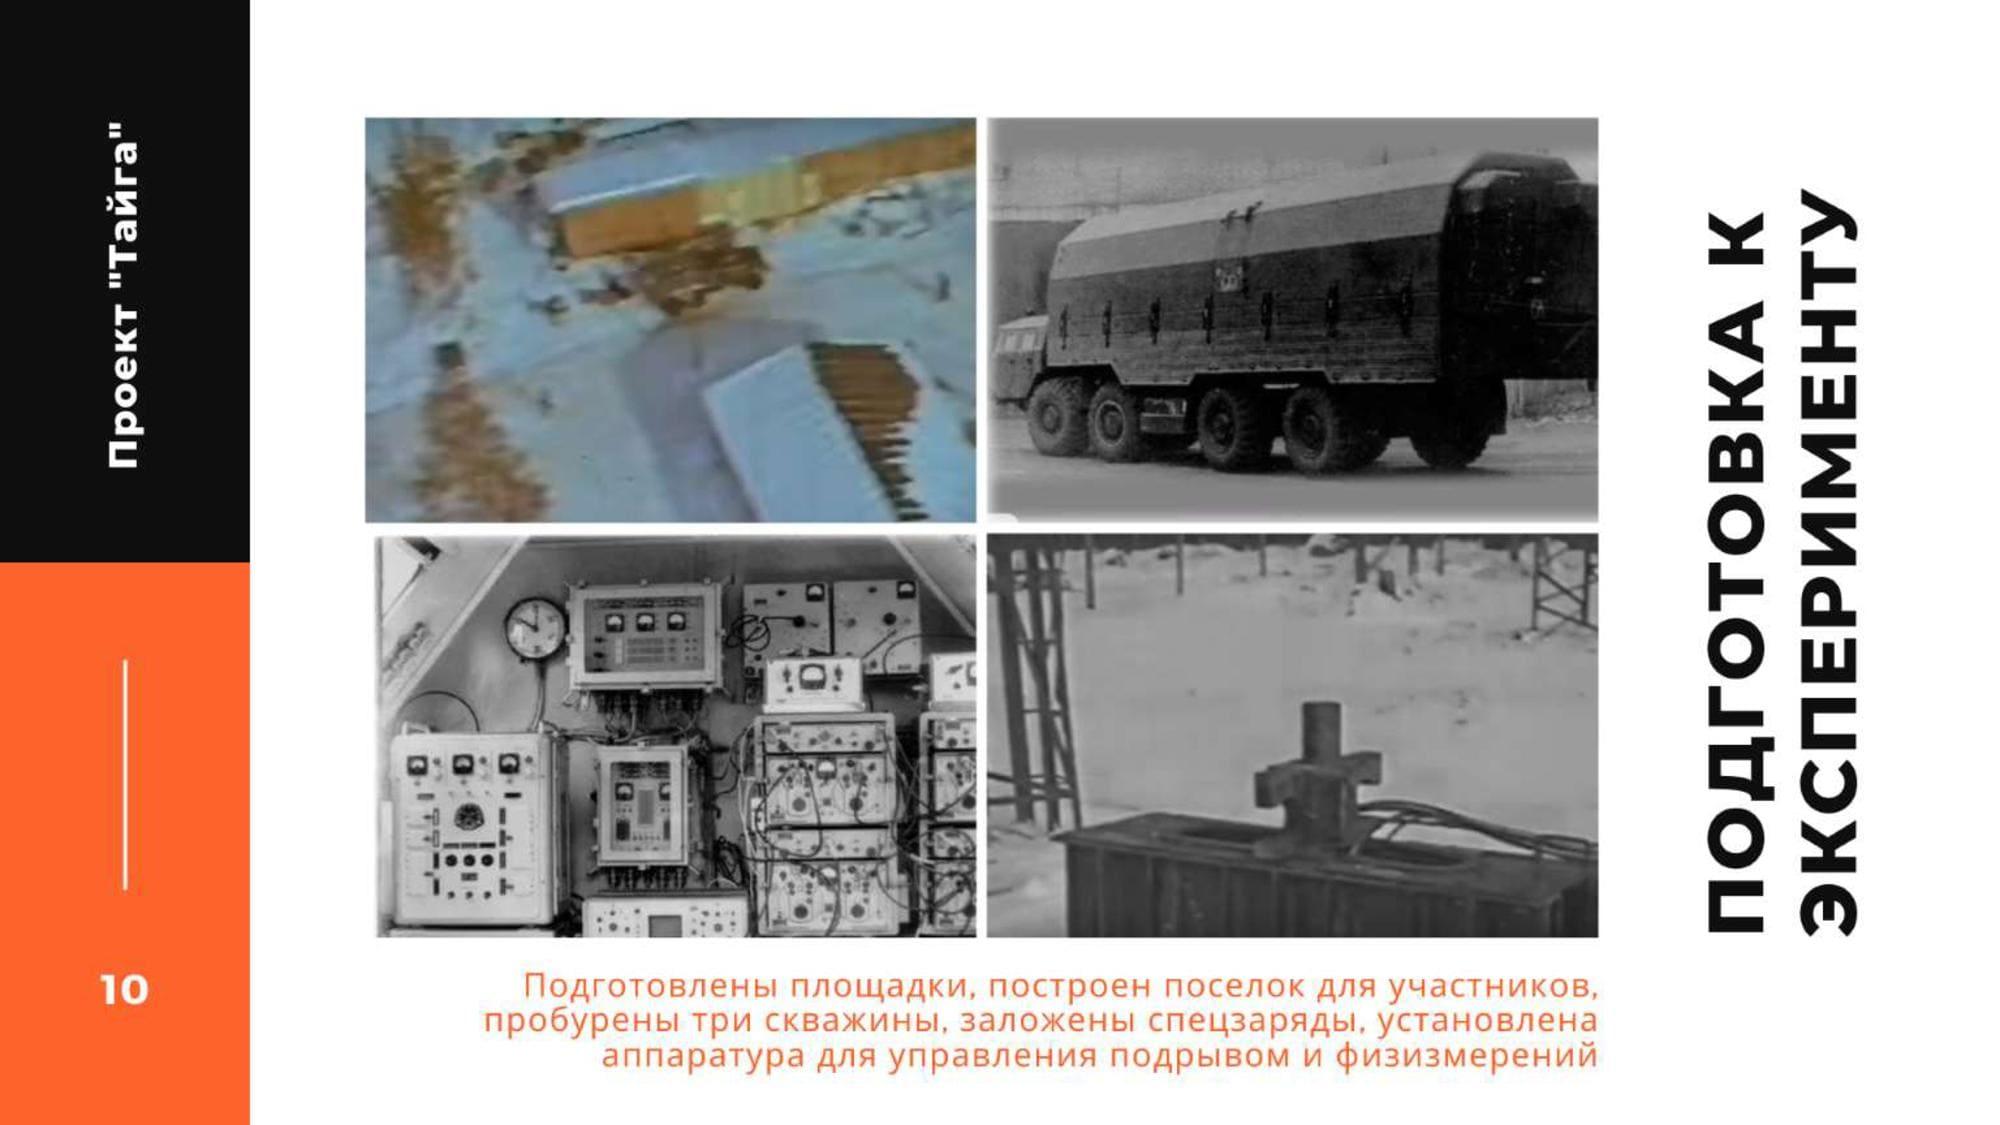 """Проект """"Тайга"""" Подготовлены площадки, построен посёлок для участников"""